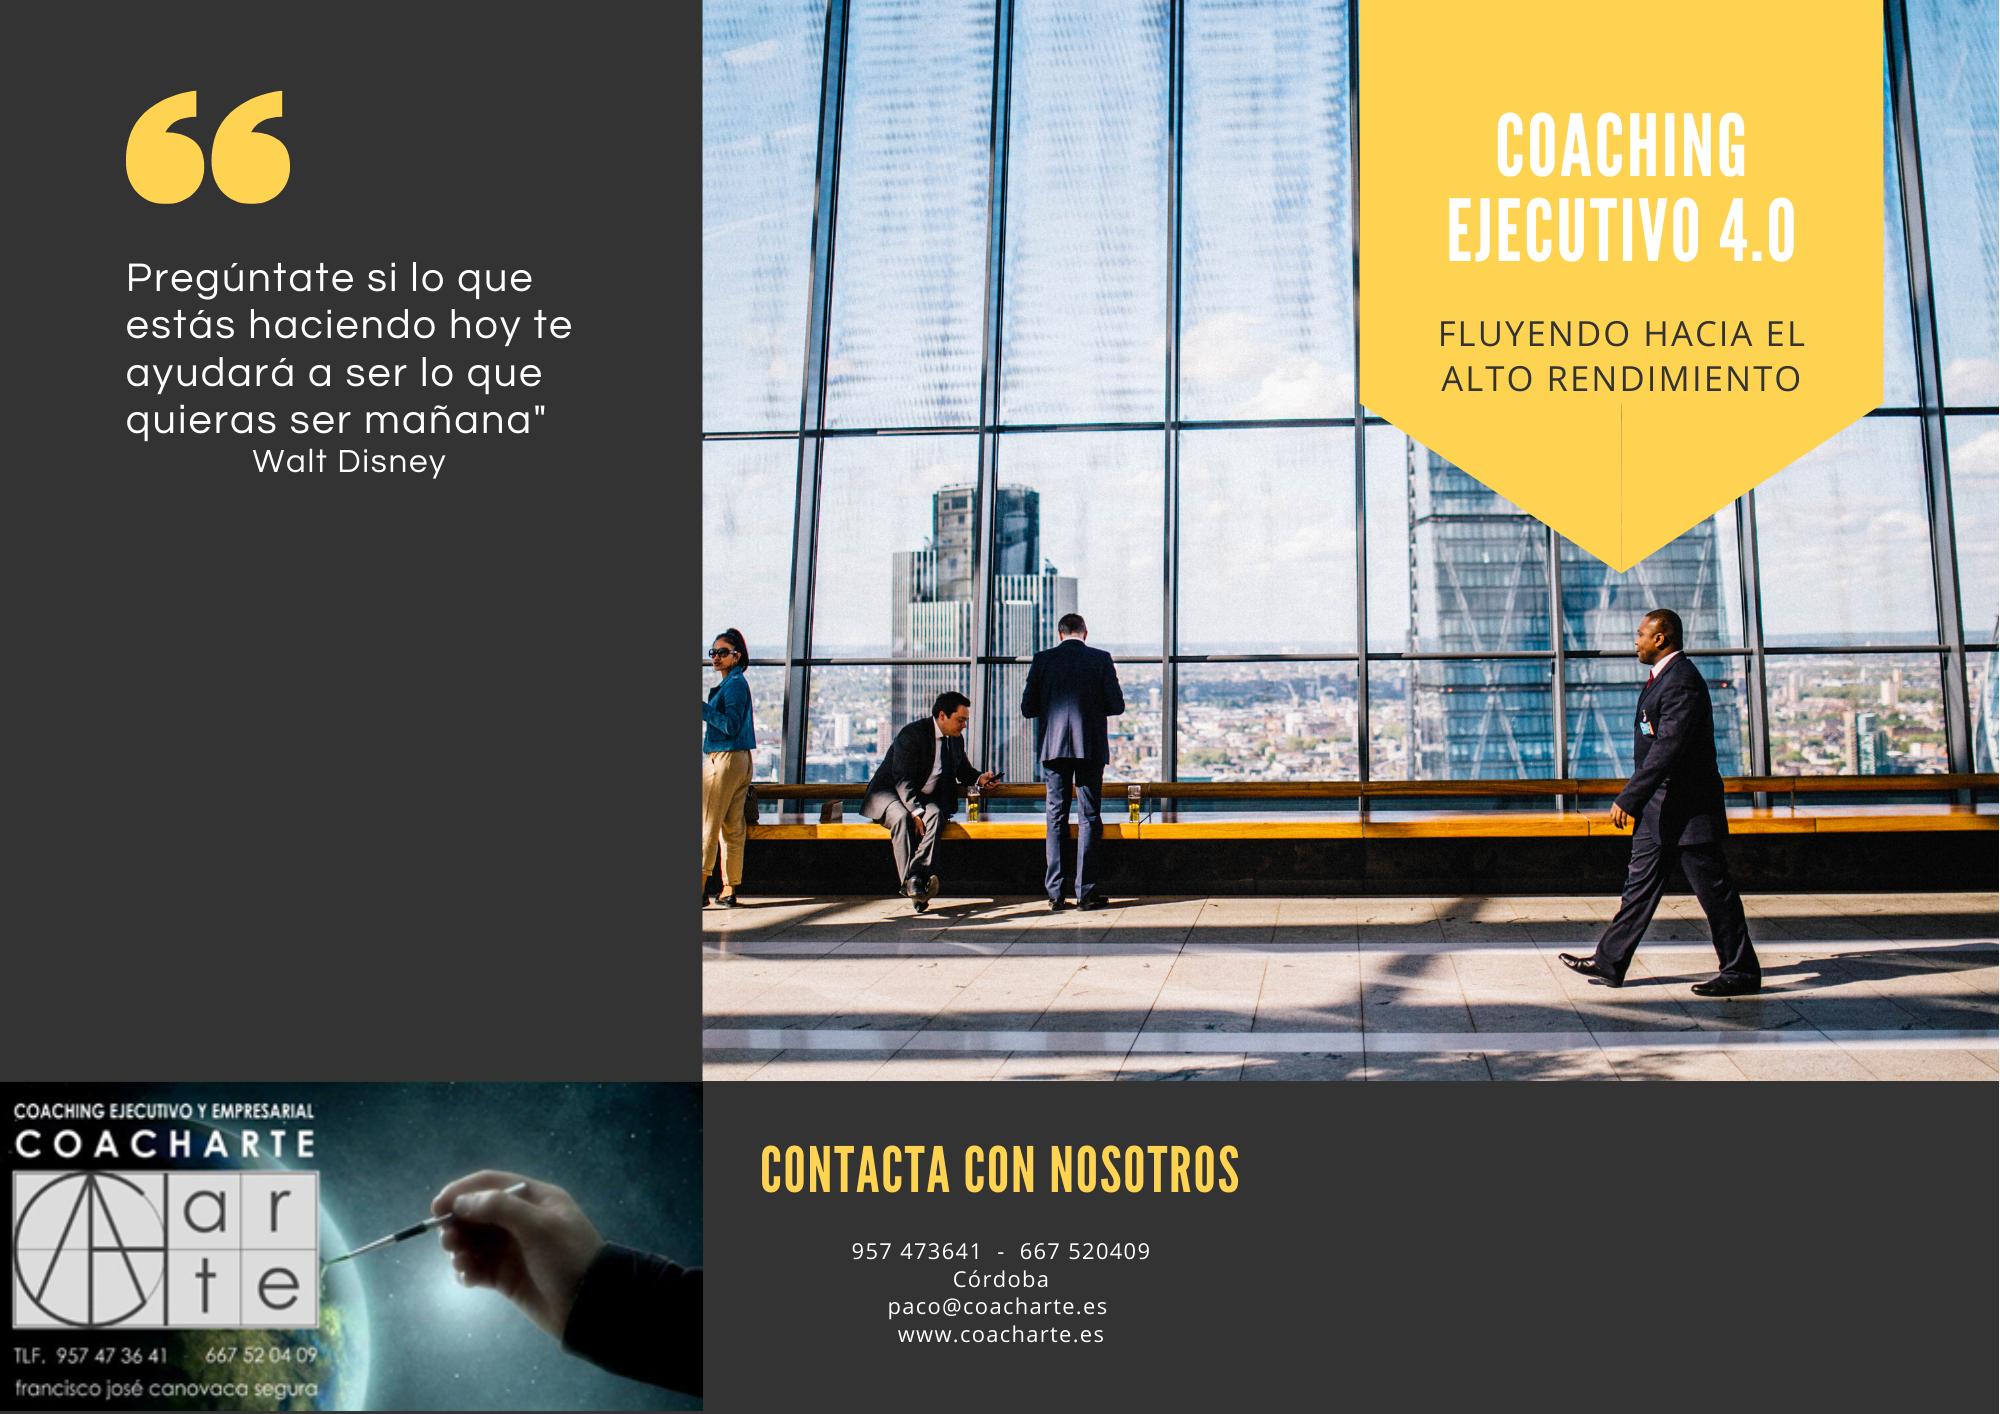 COACHING EJECUTIVO 4.0 1